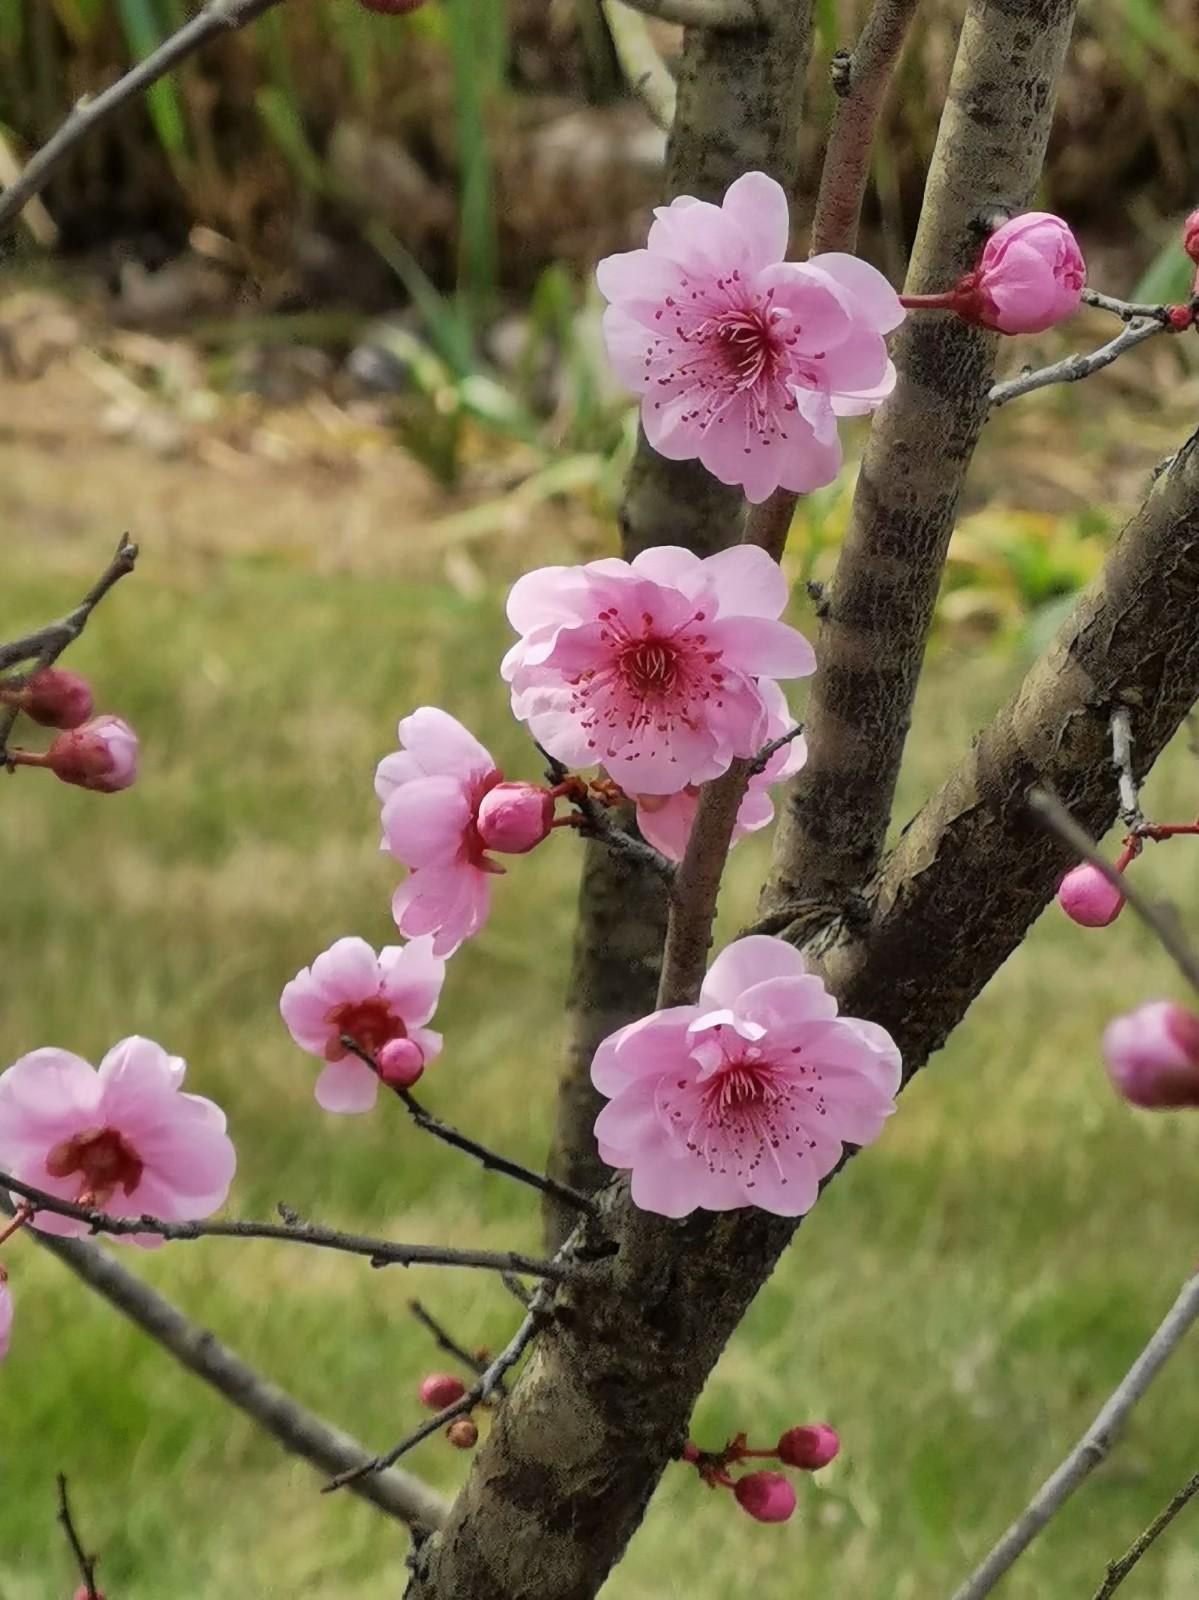 正月初六桃花开,蜜蜂闻讯采蜜来_图1-5